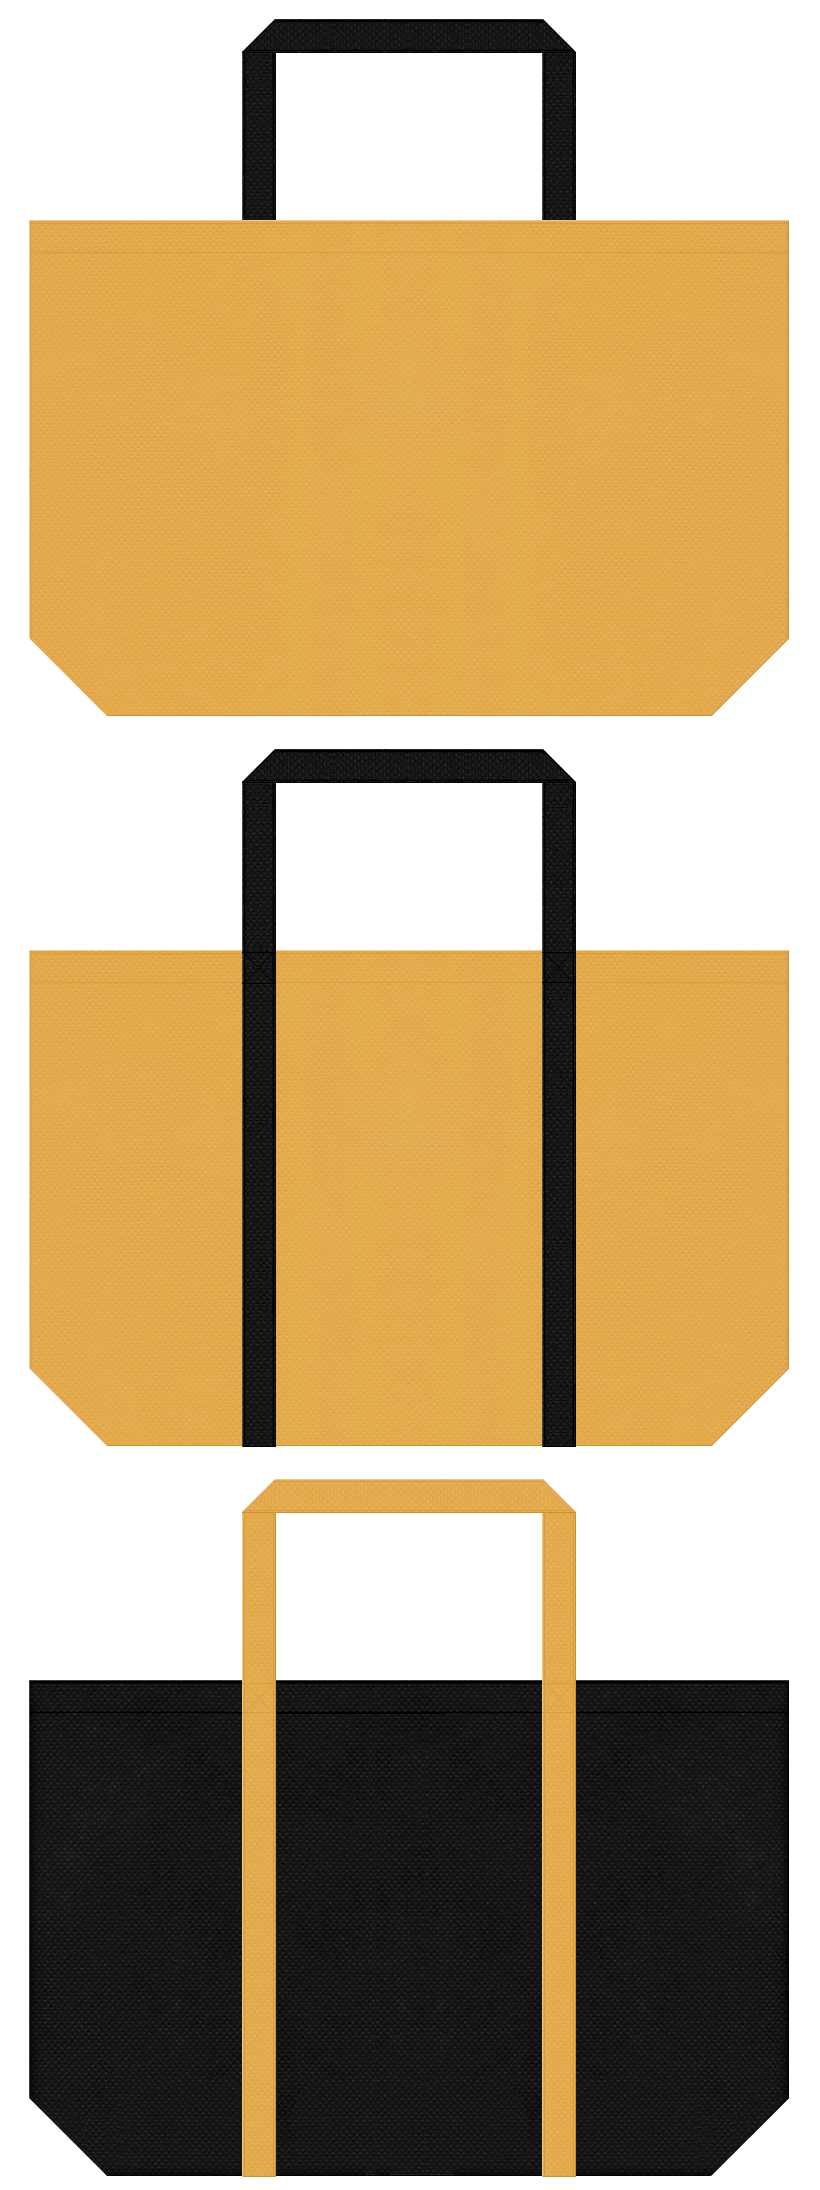 黄土色と黒色の不織布ショッピングバッグデザイン。黒胡椒風の配色です。